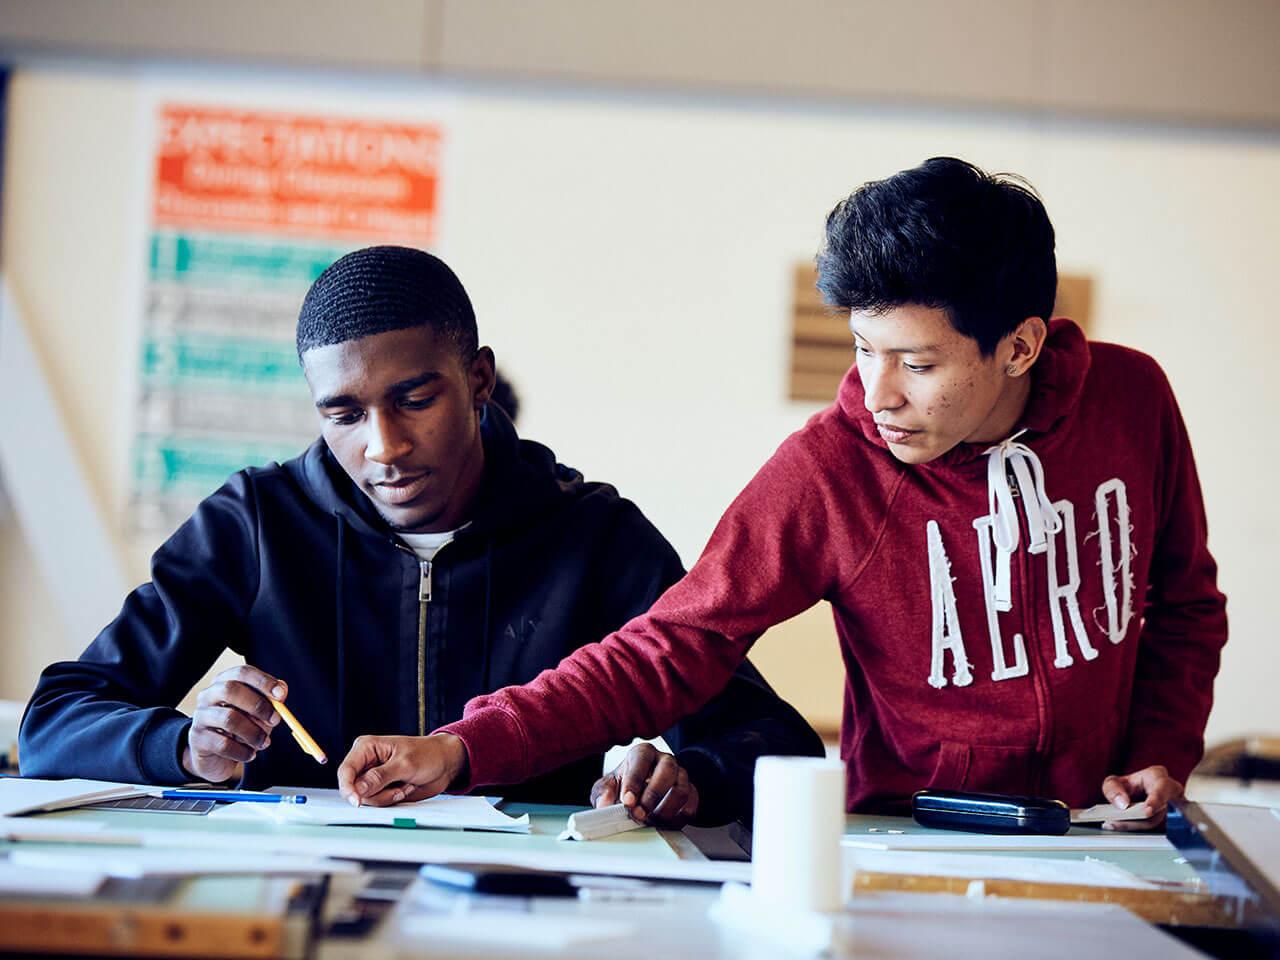 Baltimore Design School - Architecture Students